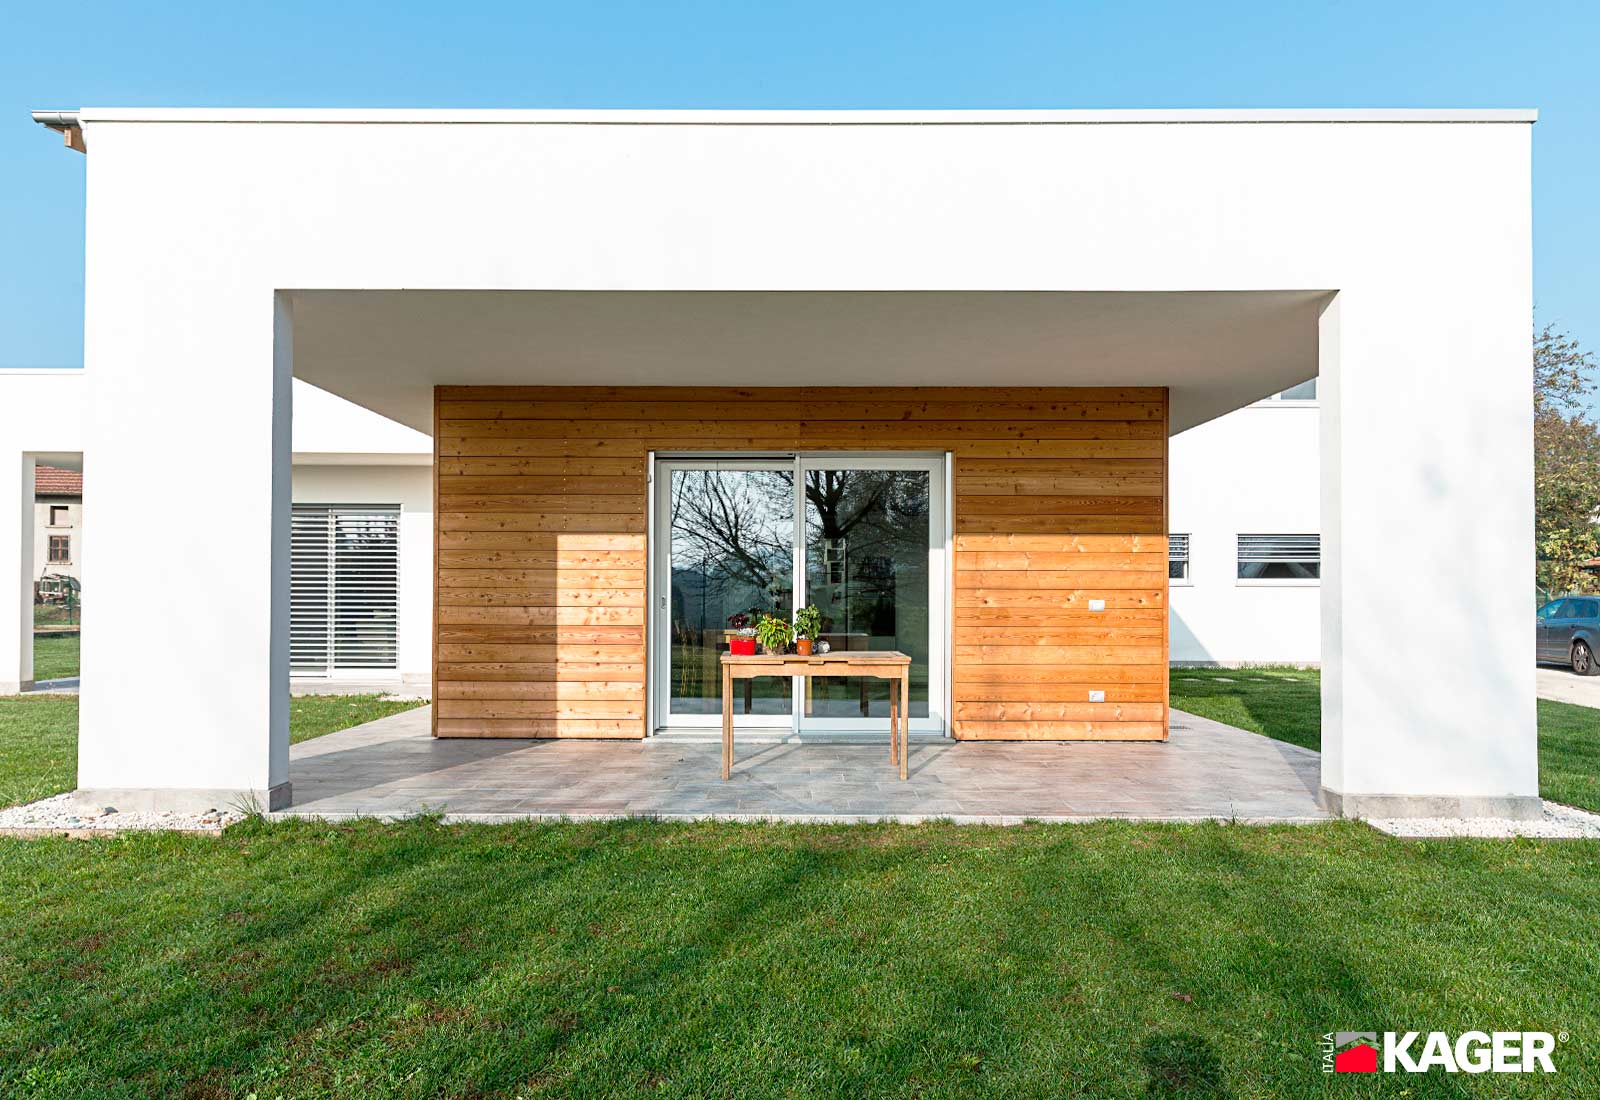 Casa-in-legno-Brebbia-Kager-Italia-05